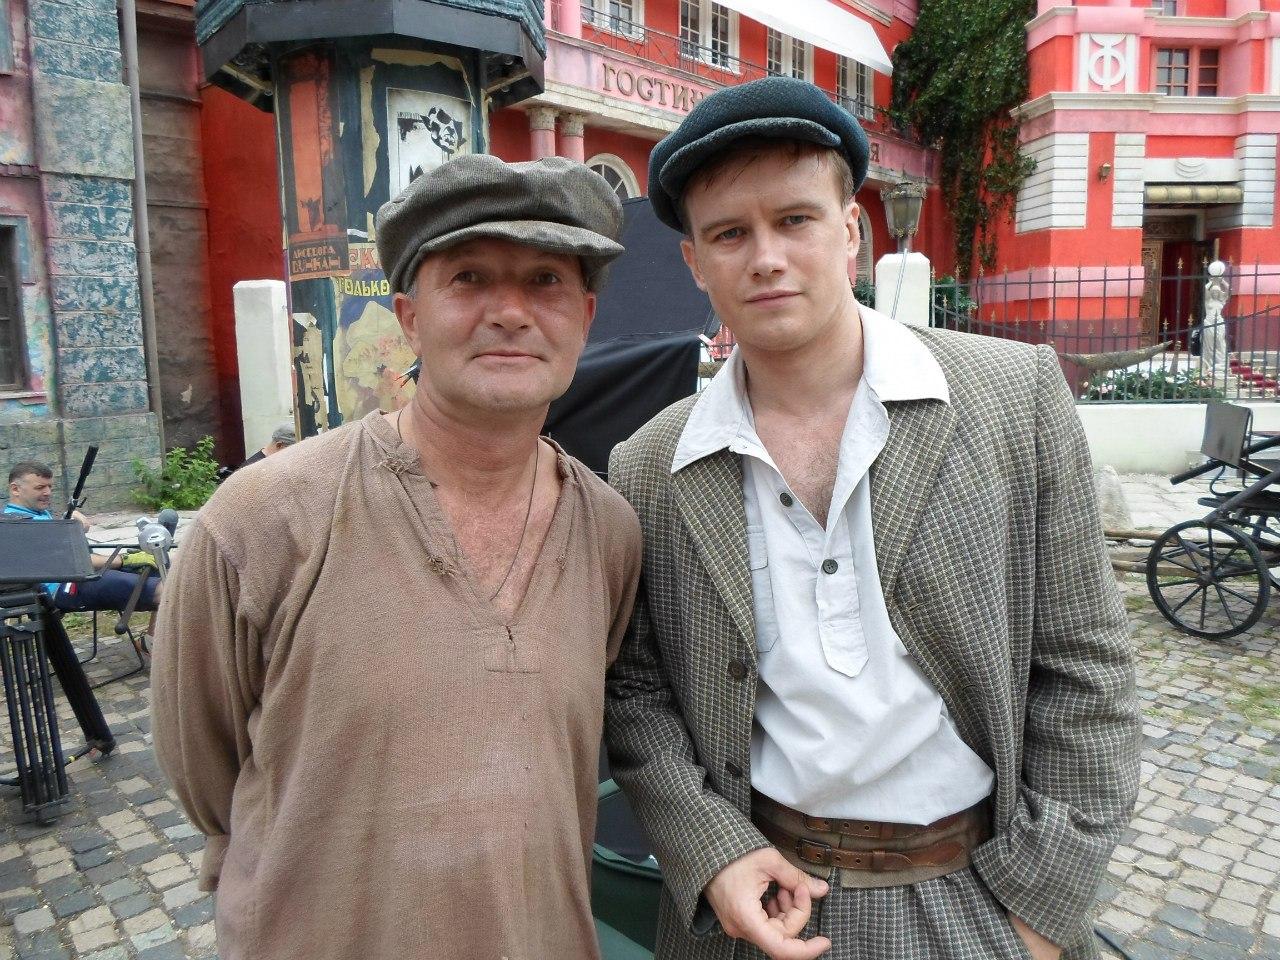 Алексей Бардуков: биография, личная жизнь, семья, жена, дети — фото